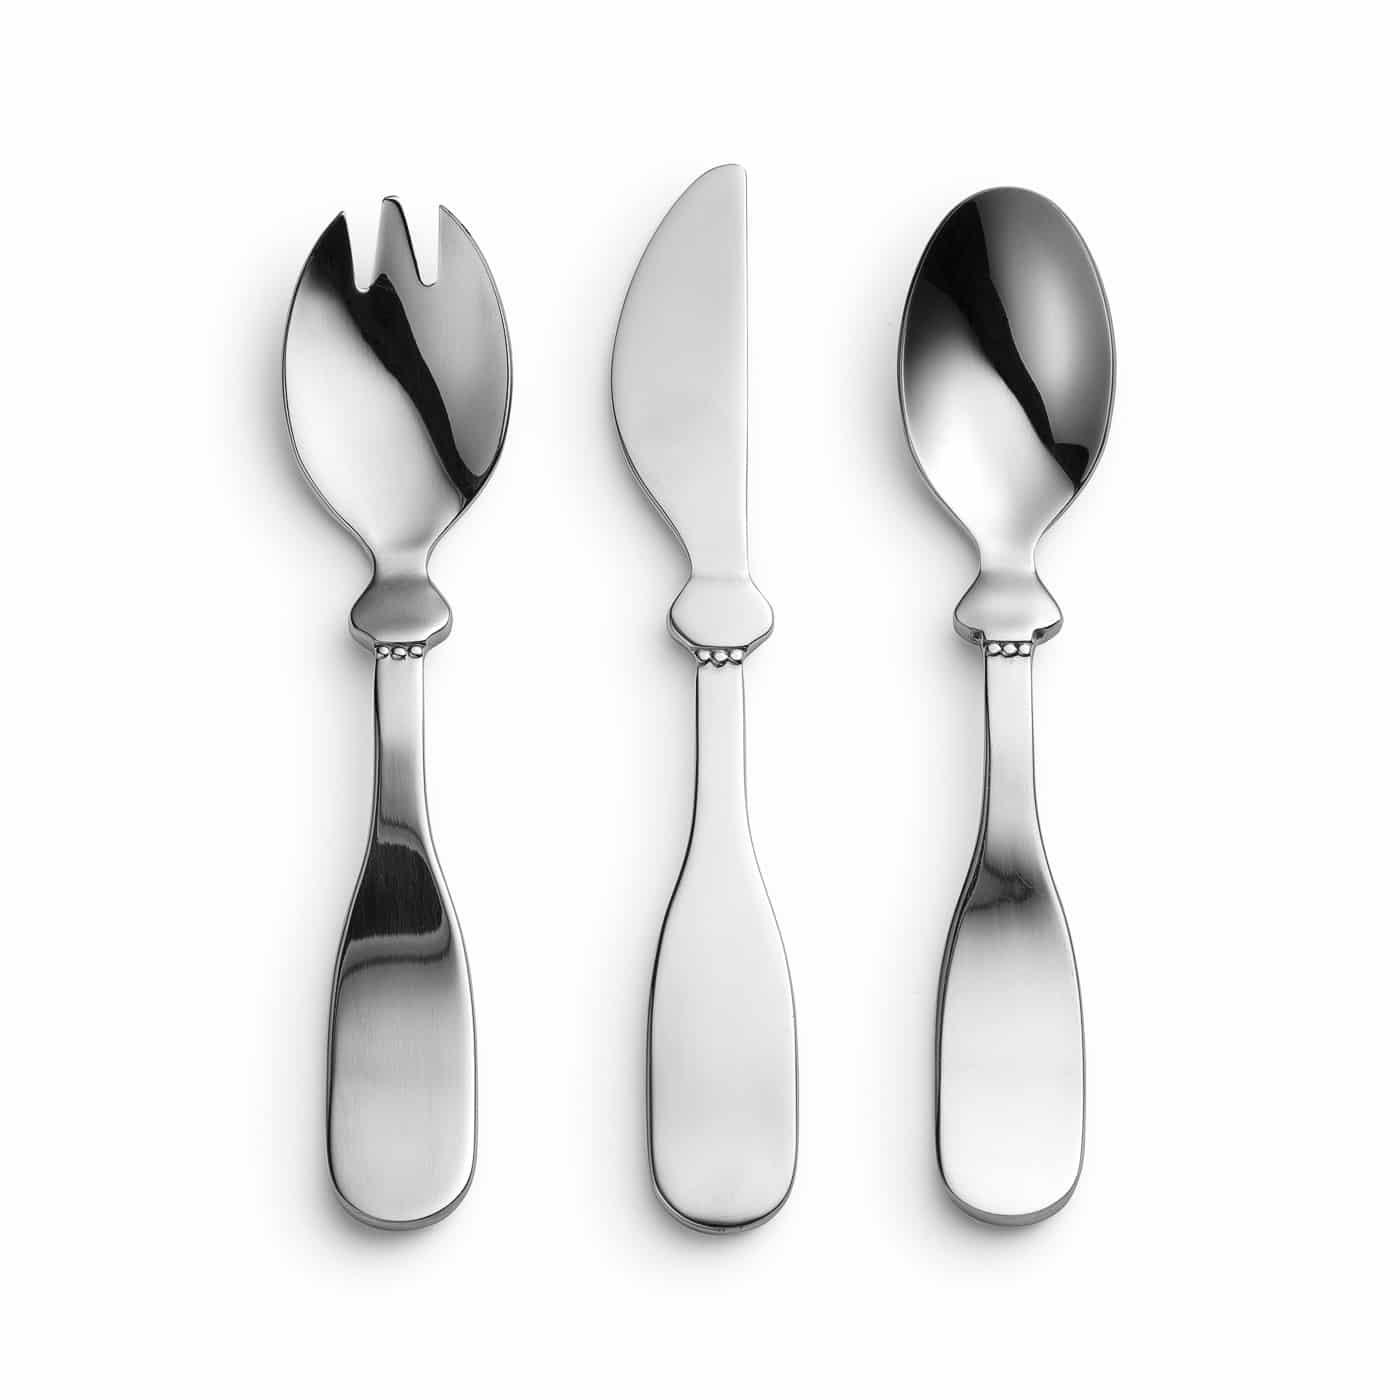 ELODIE DETAILS Σετ Πιρούνι, Μαχαίρι, Κουτάλι Elodie Details (3τμχ) Silver